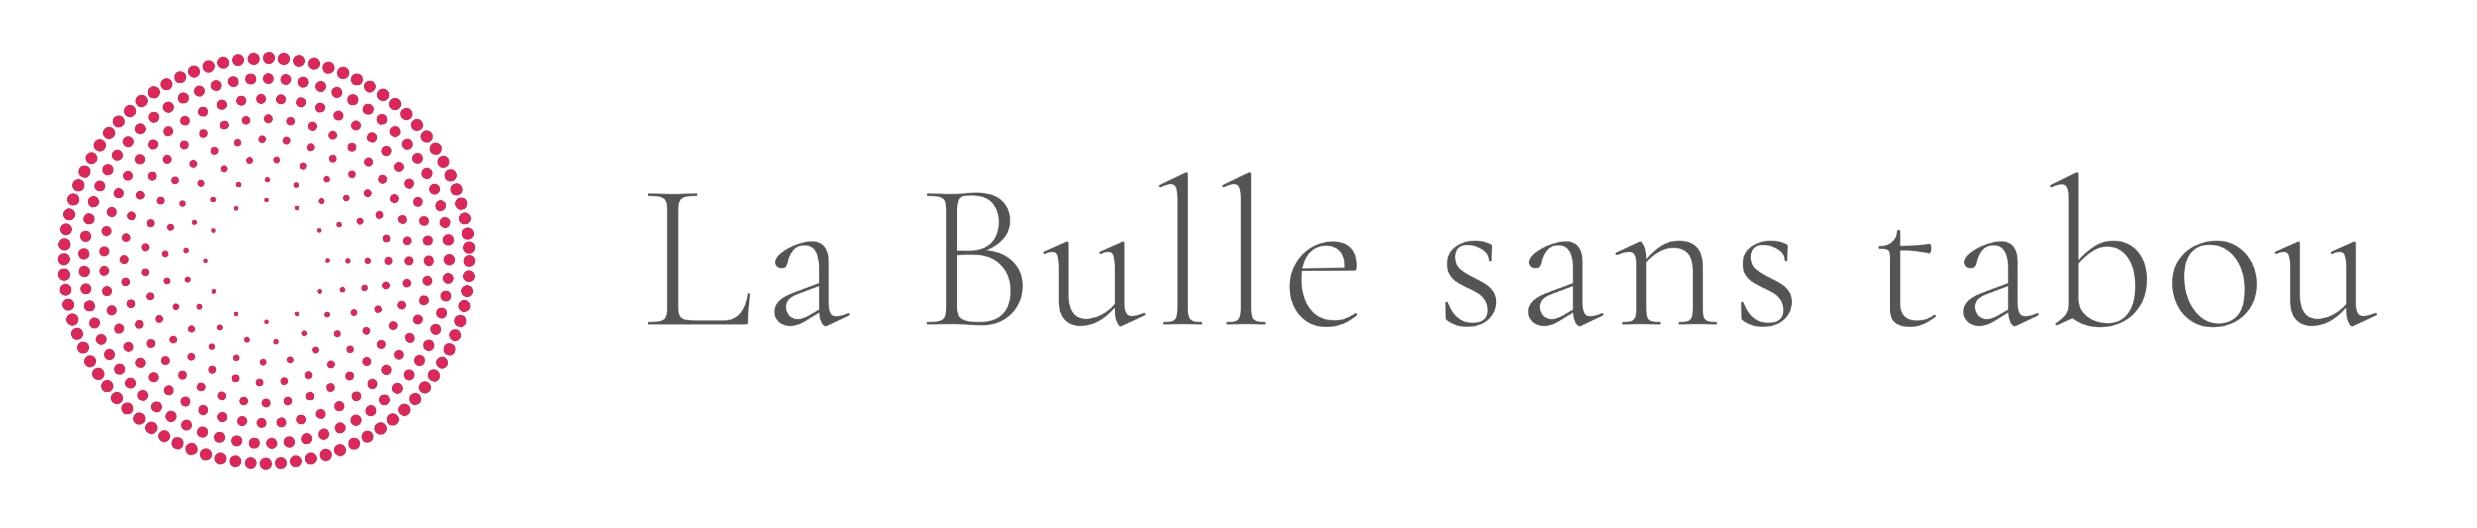 La Bulle Sans Tabou